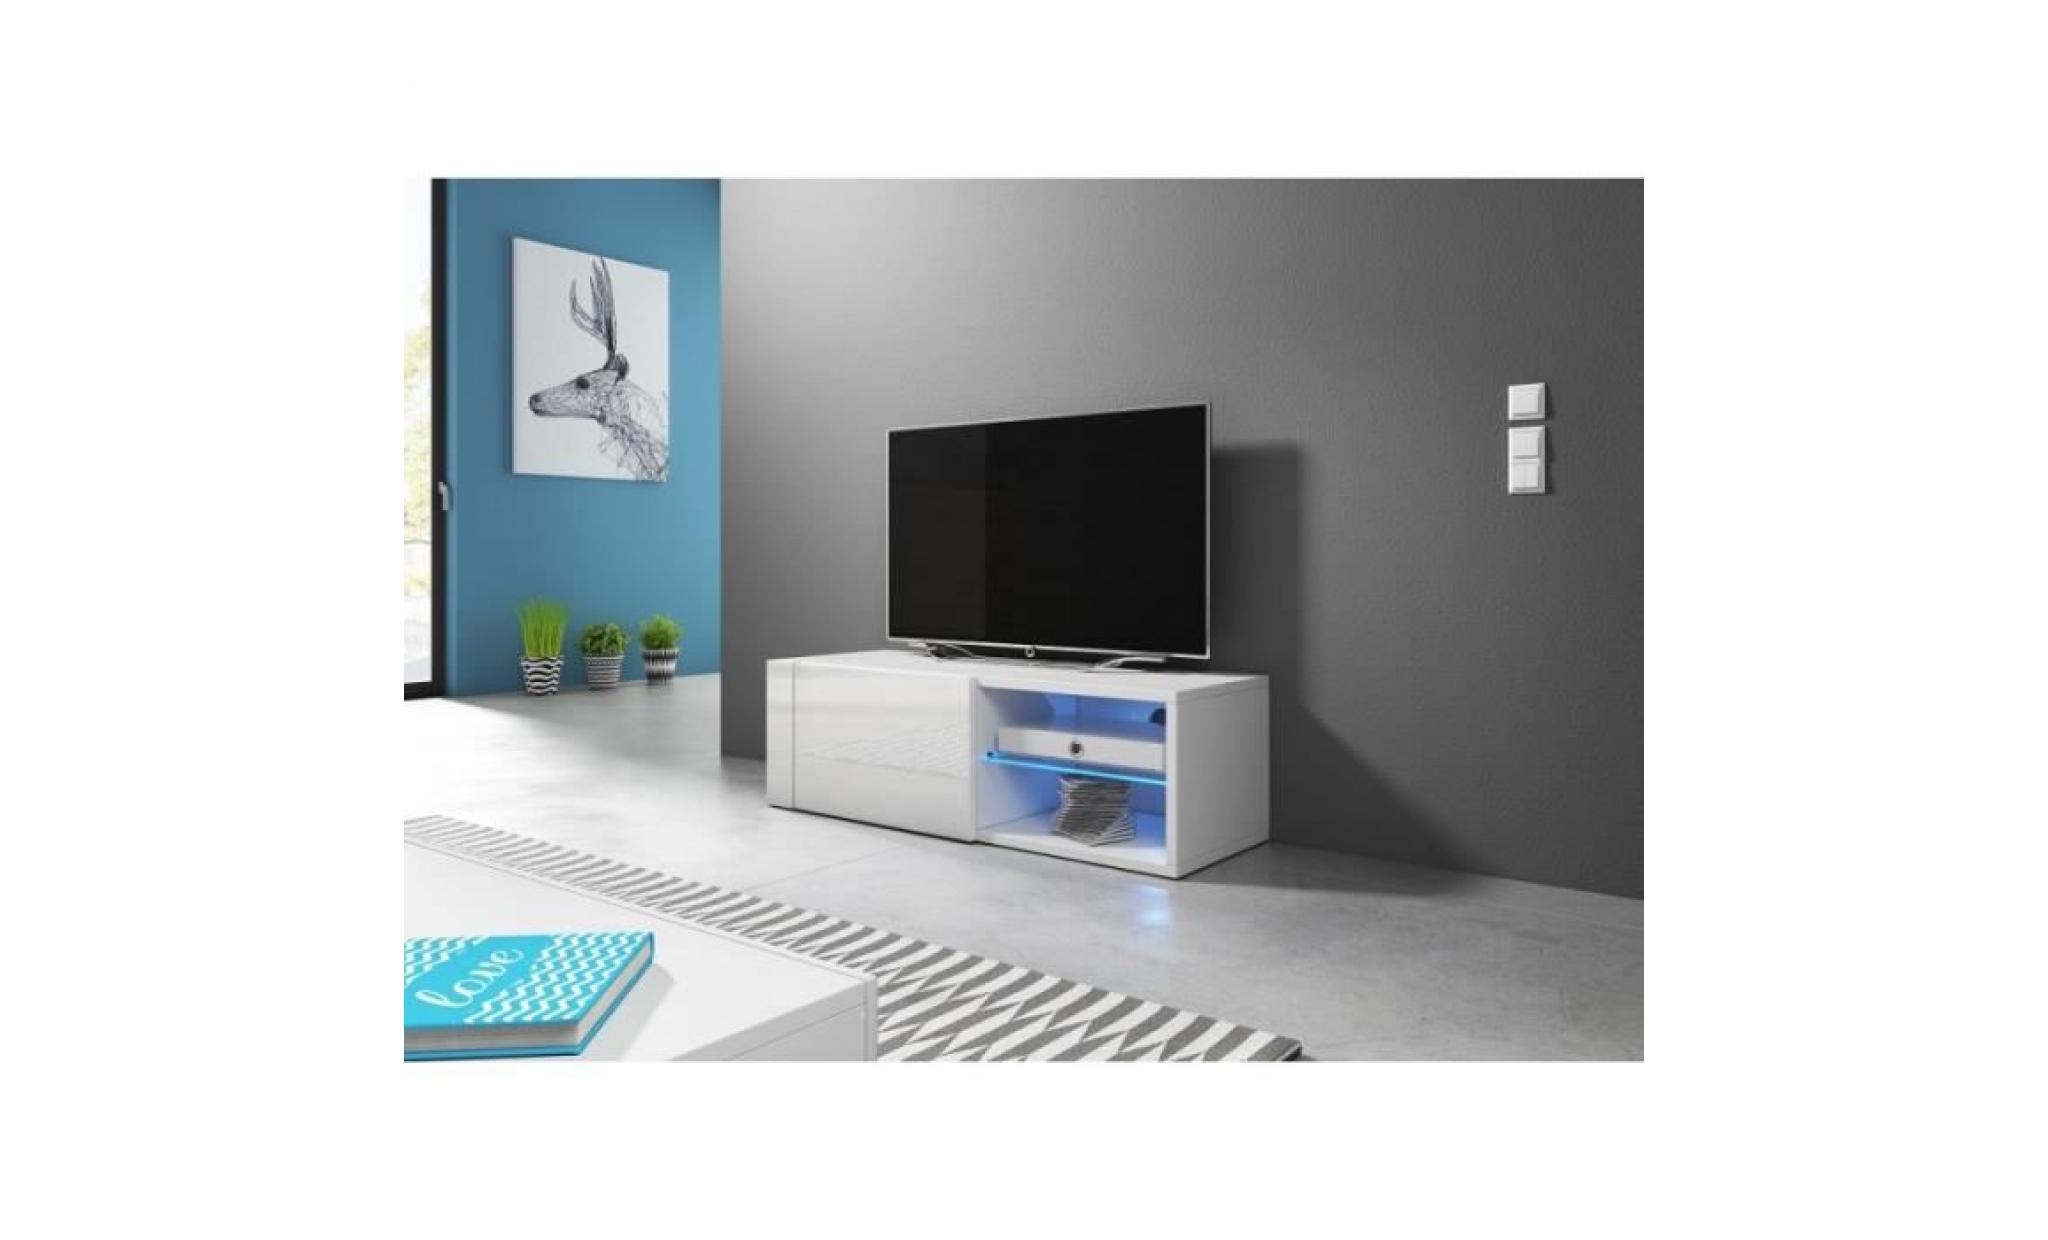 Bahut Tv 160 Cm Finition Melamine Brest Coloris Chene Vente De Meuble Et Support Tv Conforama